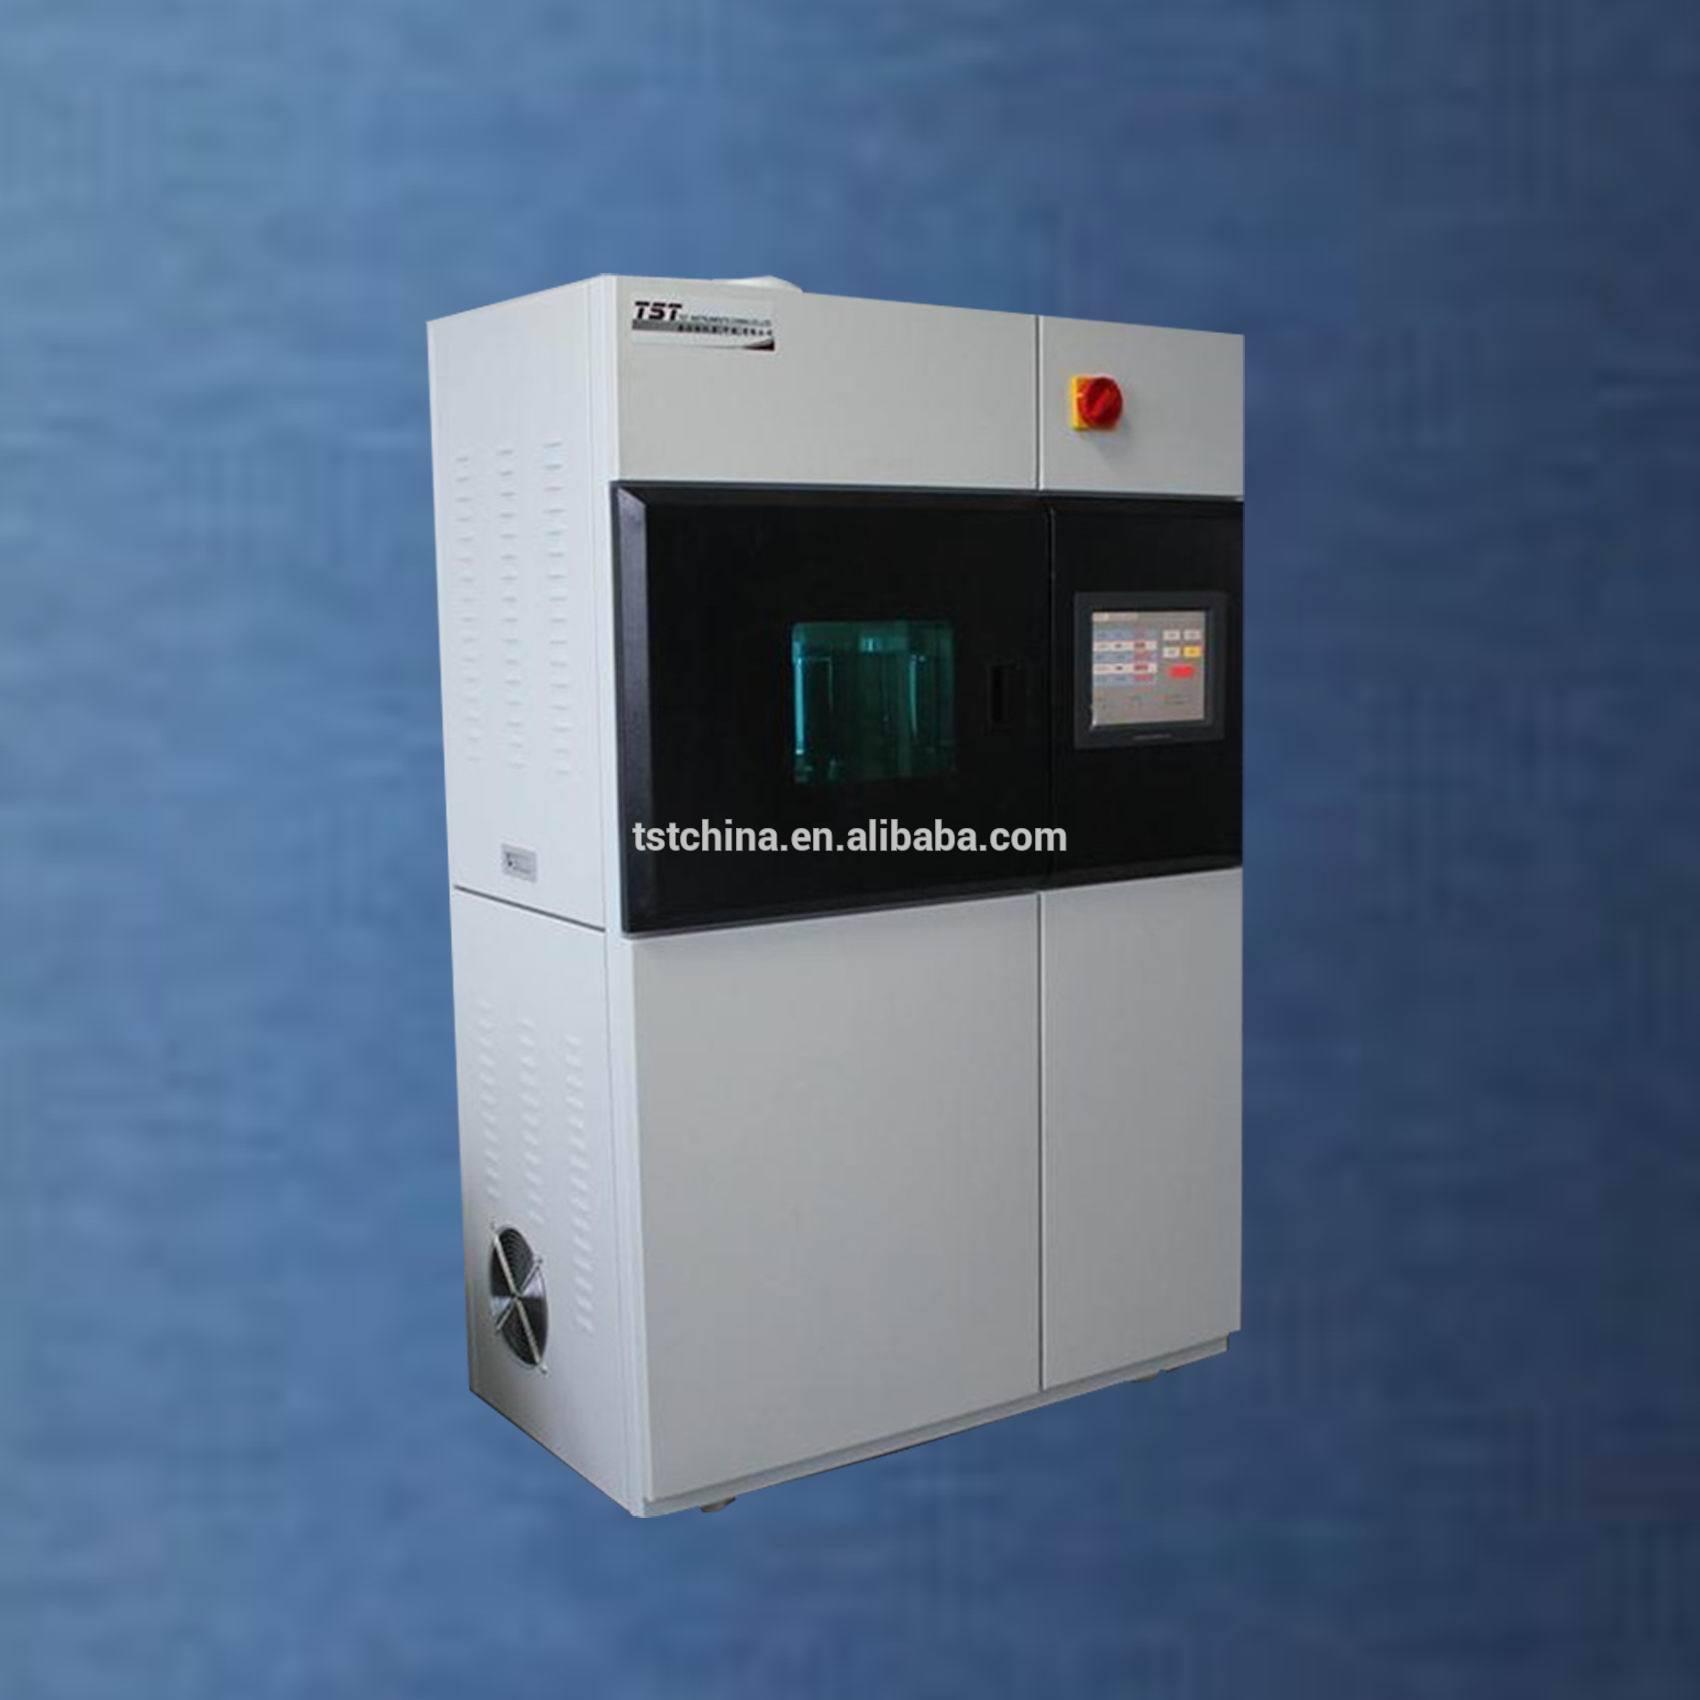 ISO105-B02氙弧形与人造光/耐磨性测试仪的牢度